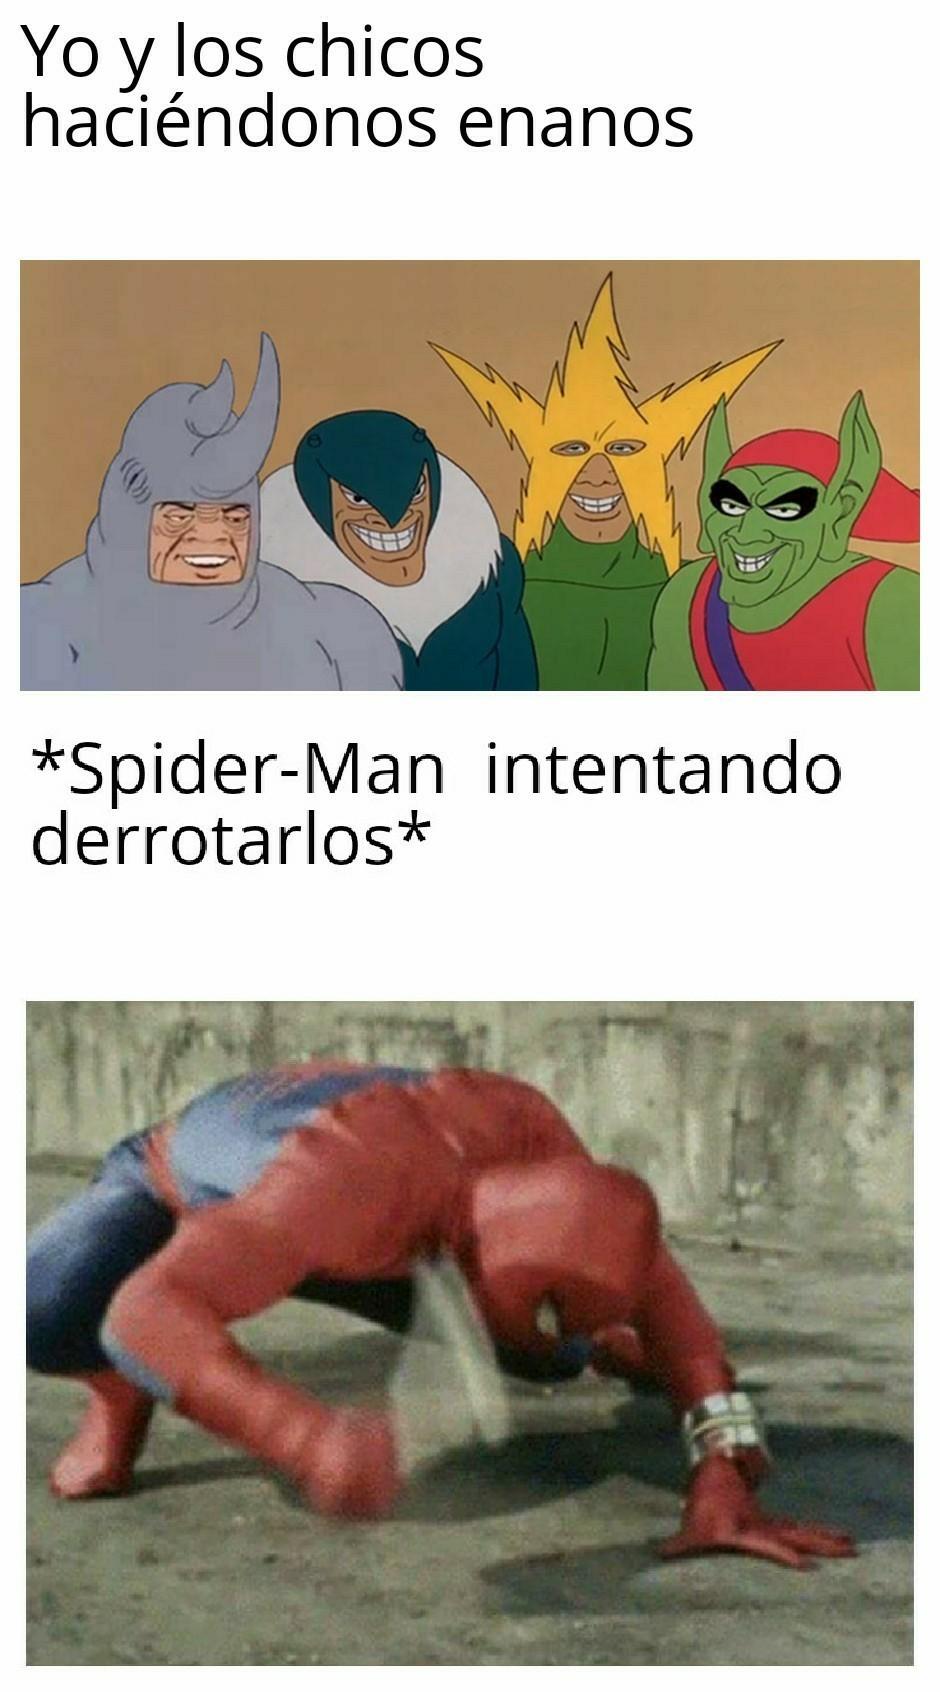 Lolhtbgvy - meme